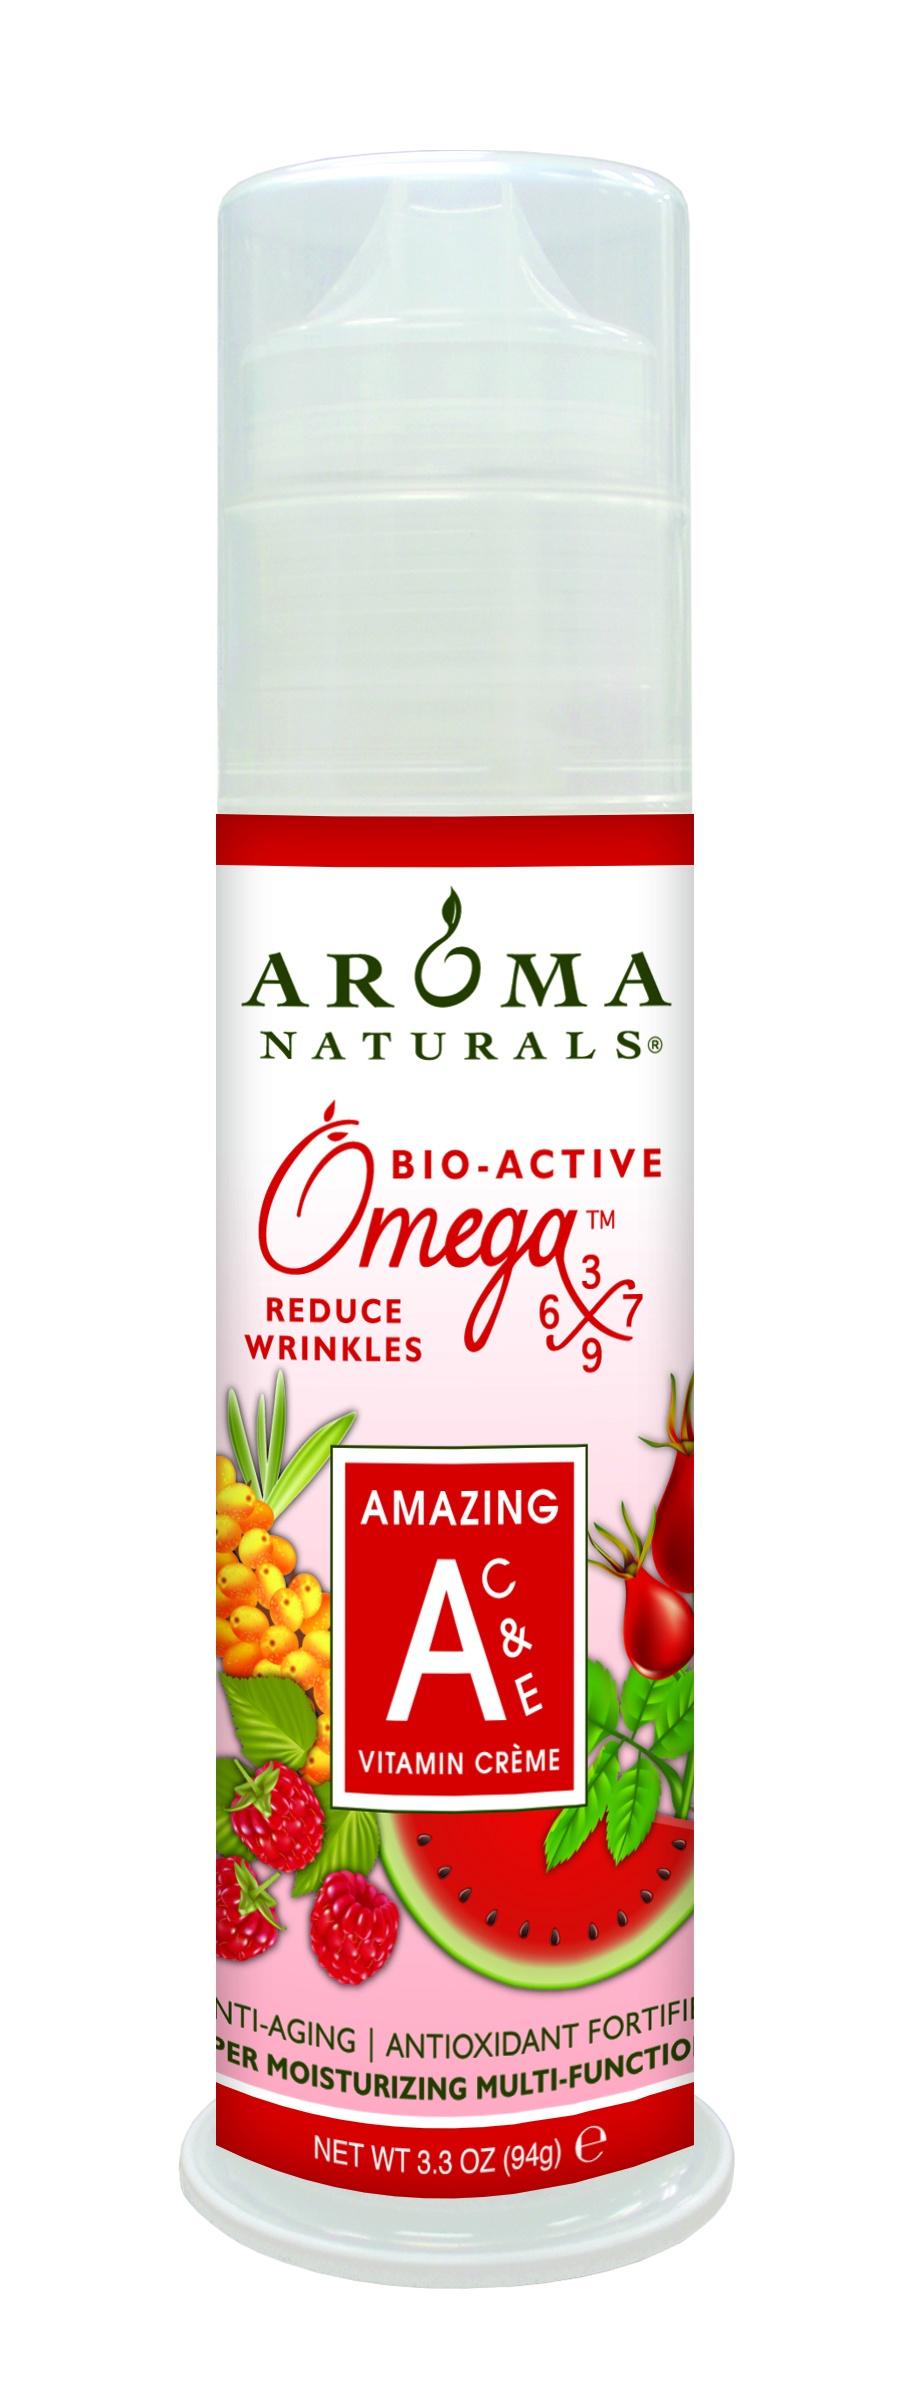 Aroma NaturalsКрем с витамином А, 94 г Aroma Naturals